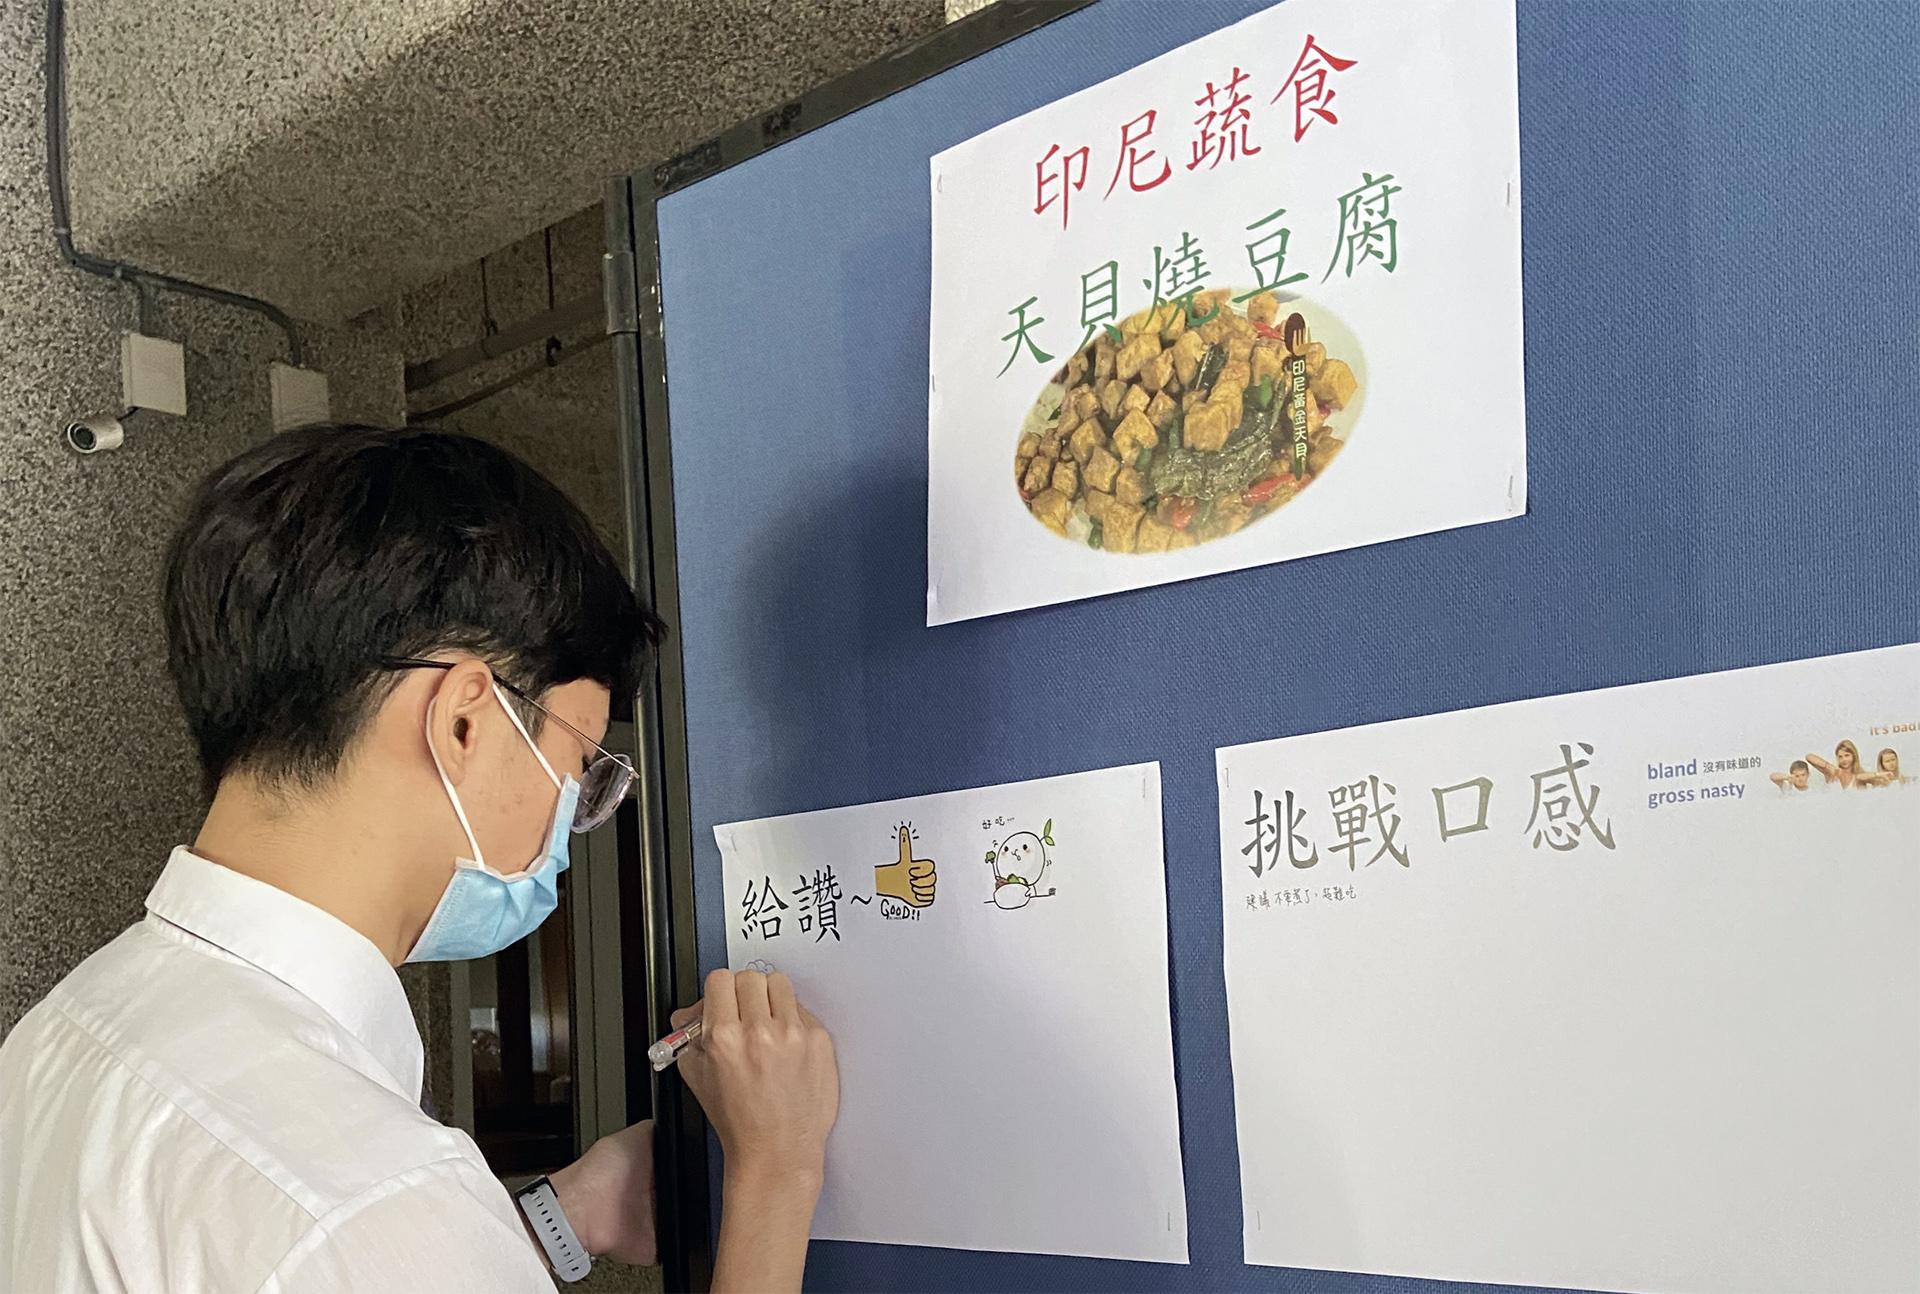 台南慈中設立饕客留言板,師生們可以說料理、品料理、意見交流分享。